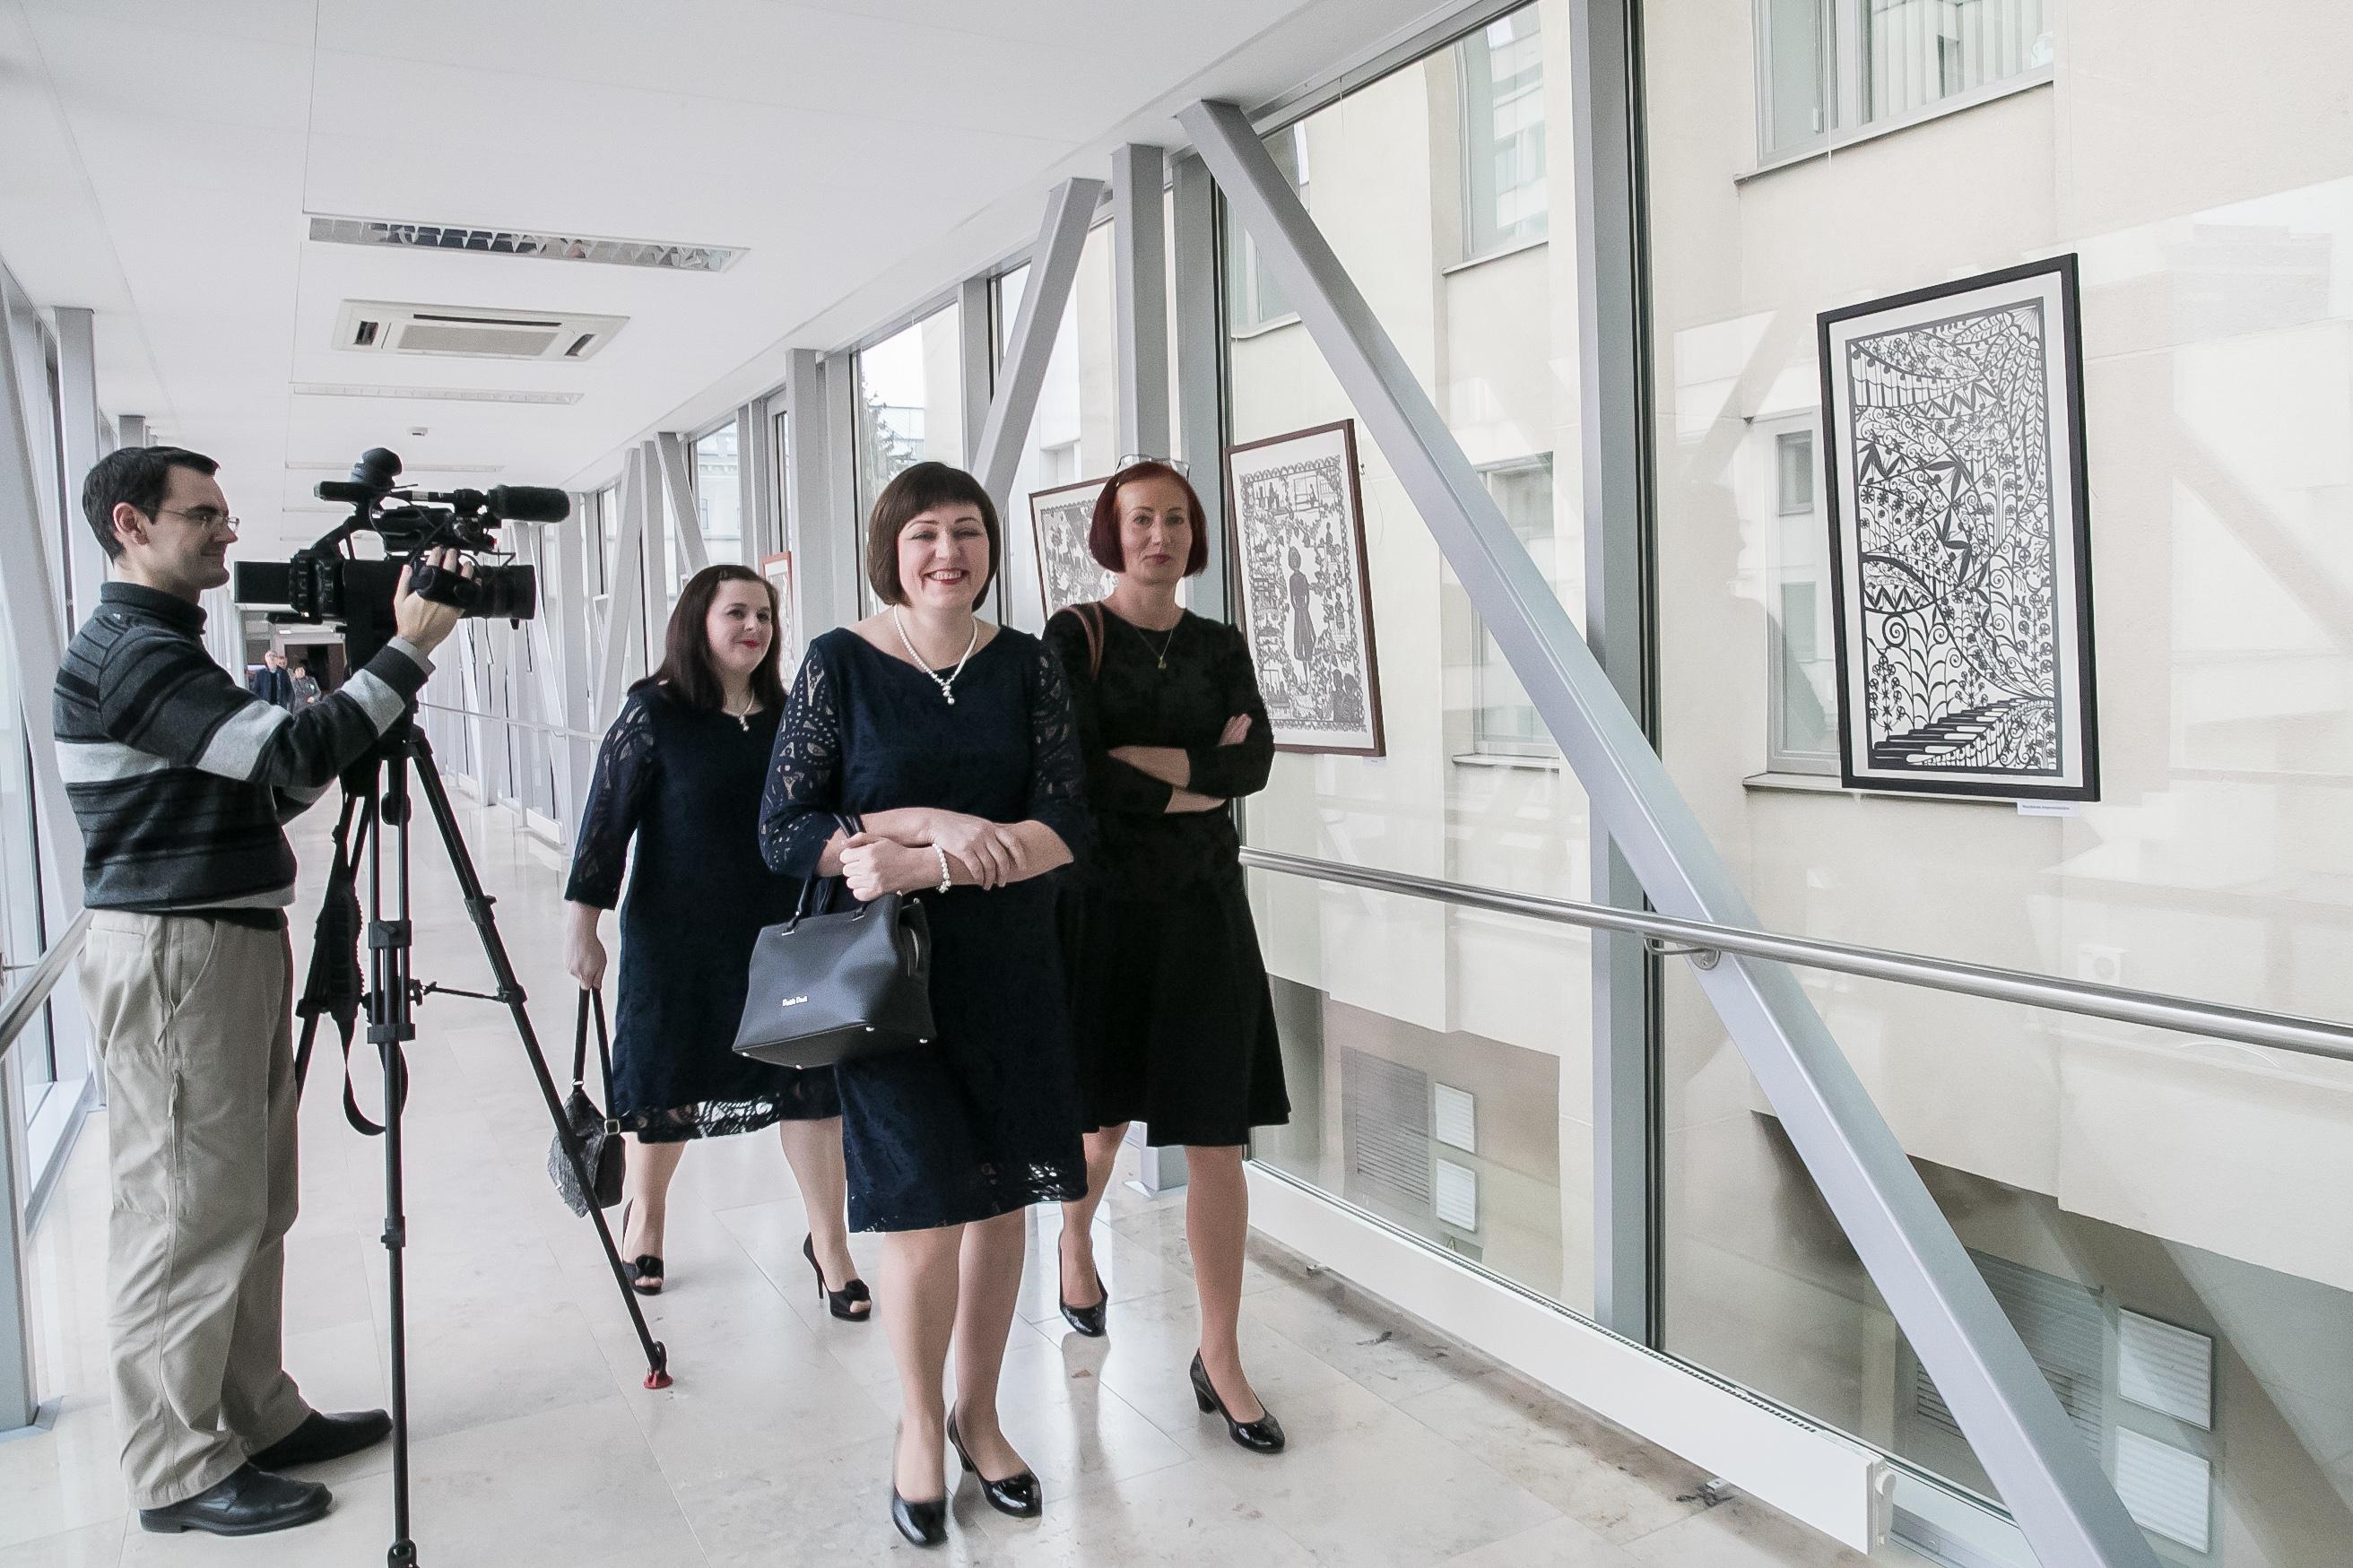 Kupiškio kultūros centro moterų vokalinis ansamblis ,,Duo'' Nidija Sankauskienė ir Sandra Guginienė, kartu su koncertmeistere Edita Dobrickiene apžiūri parodą | LRS kanceliarijos nuotr.